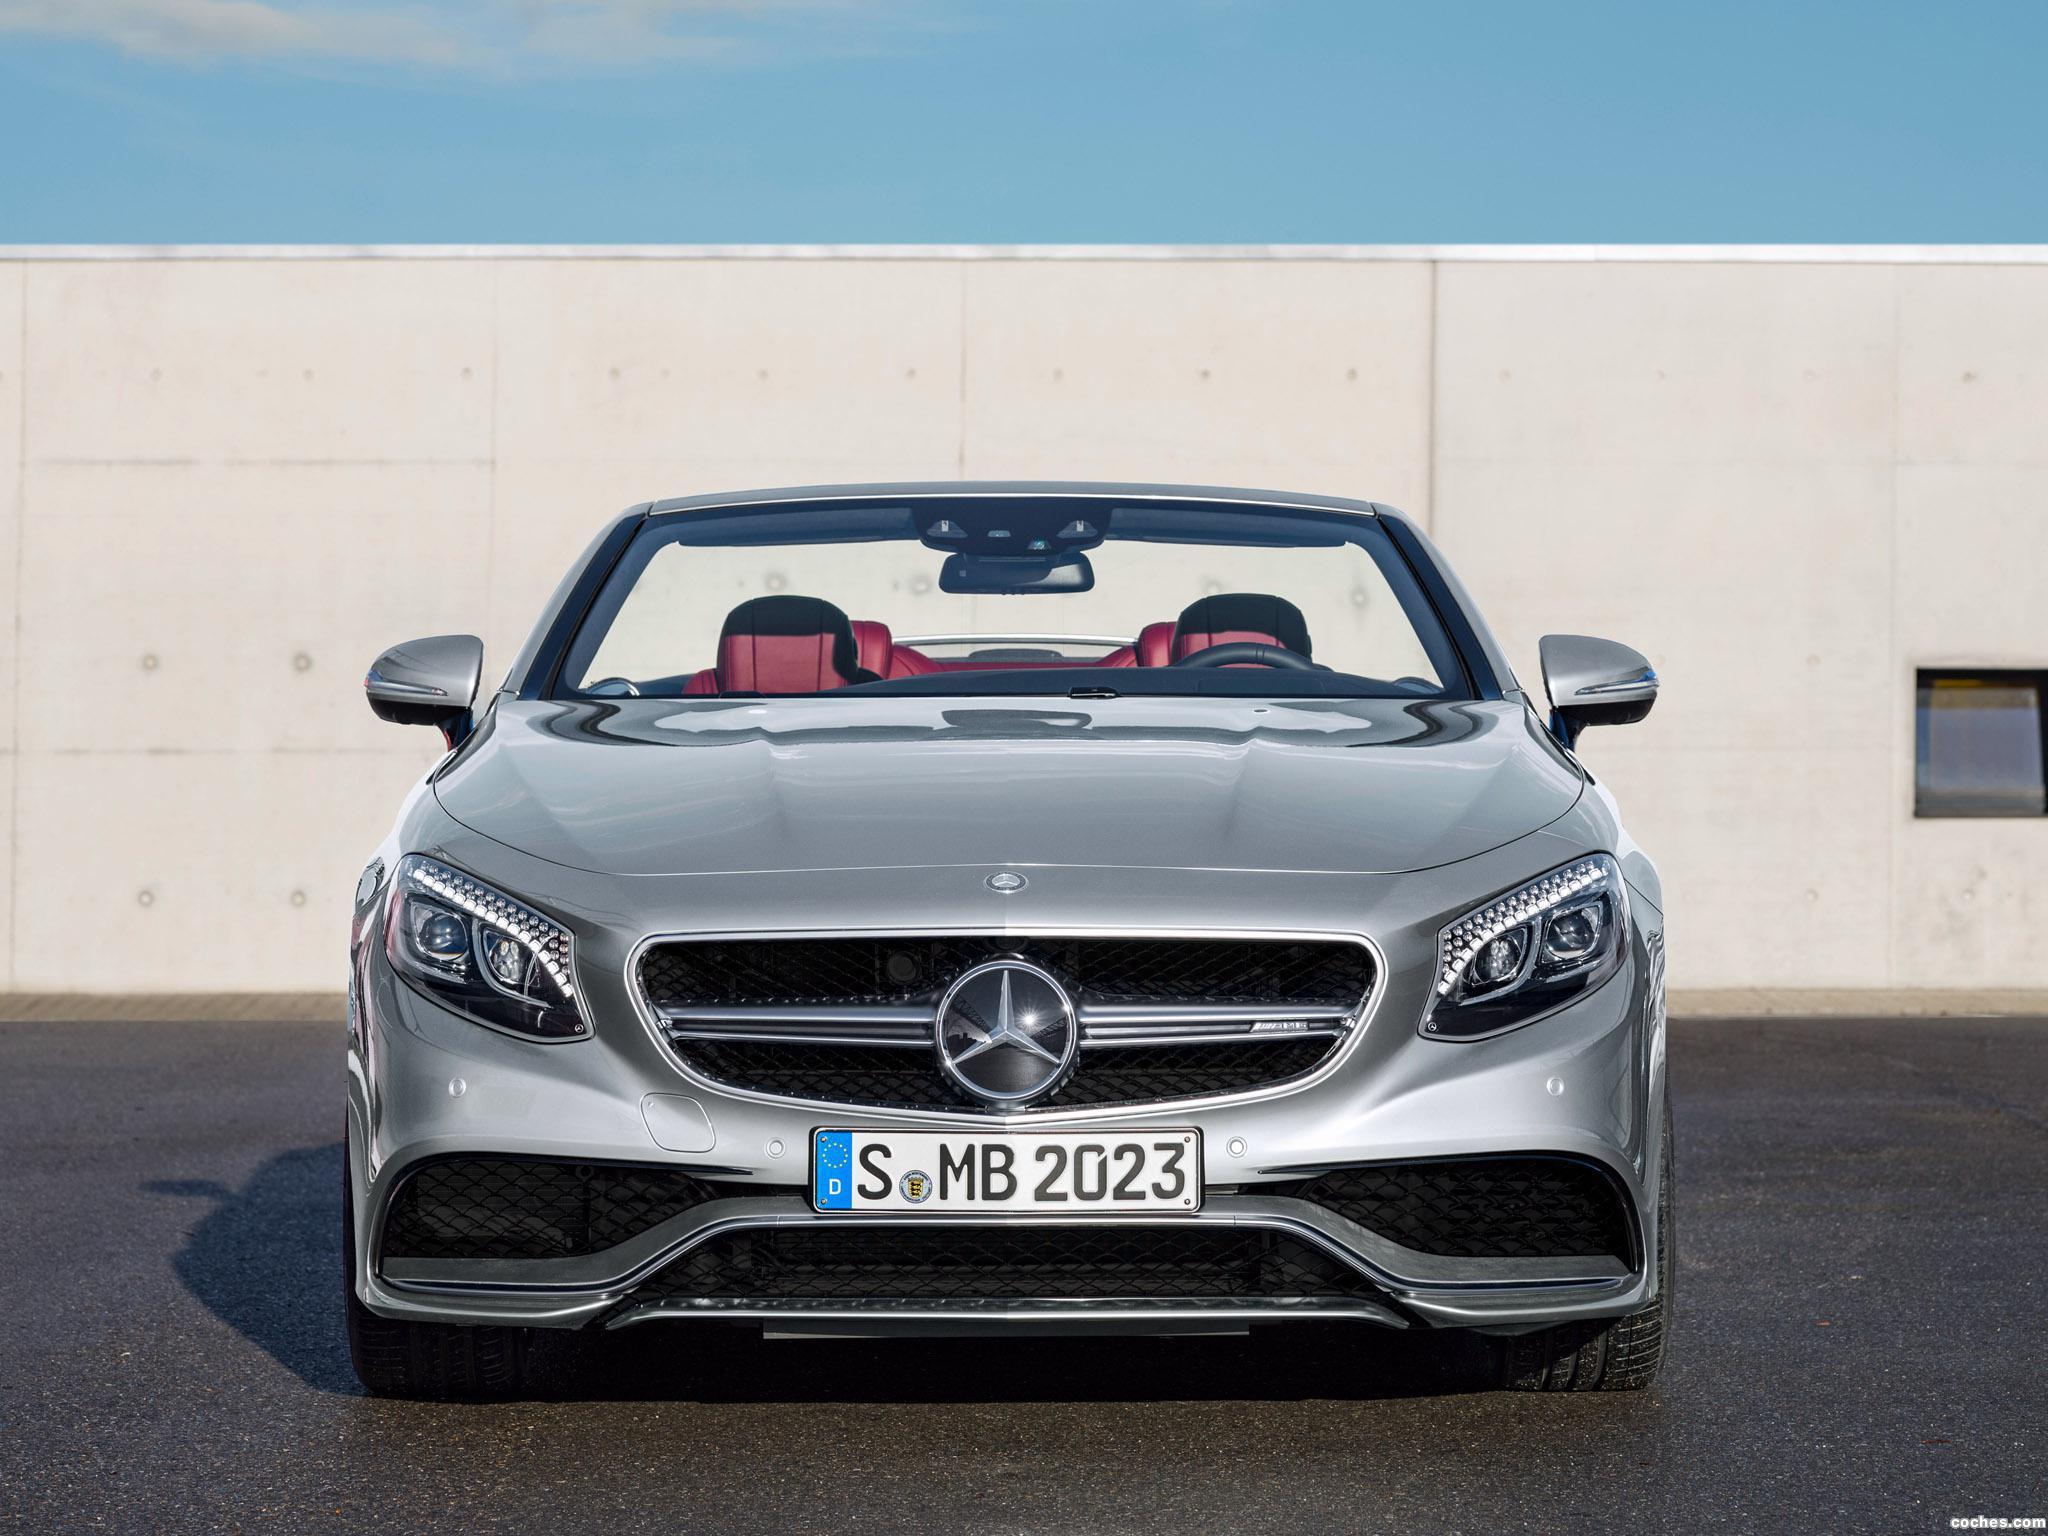 Foto 4 de Mercedes AMG S63 4MATIC Cabriolet Edition 130 A217 2016